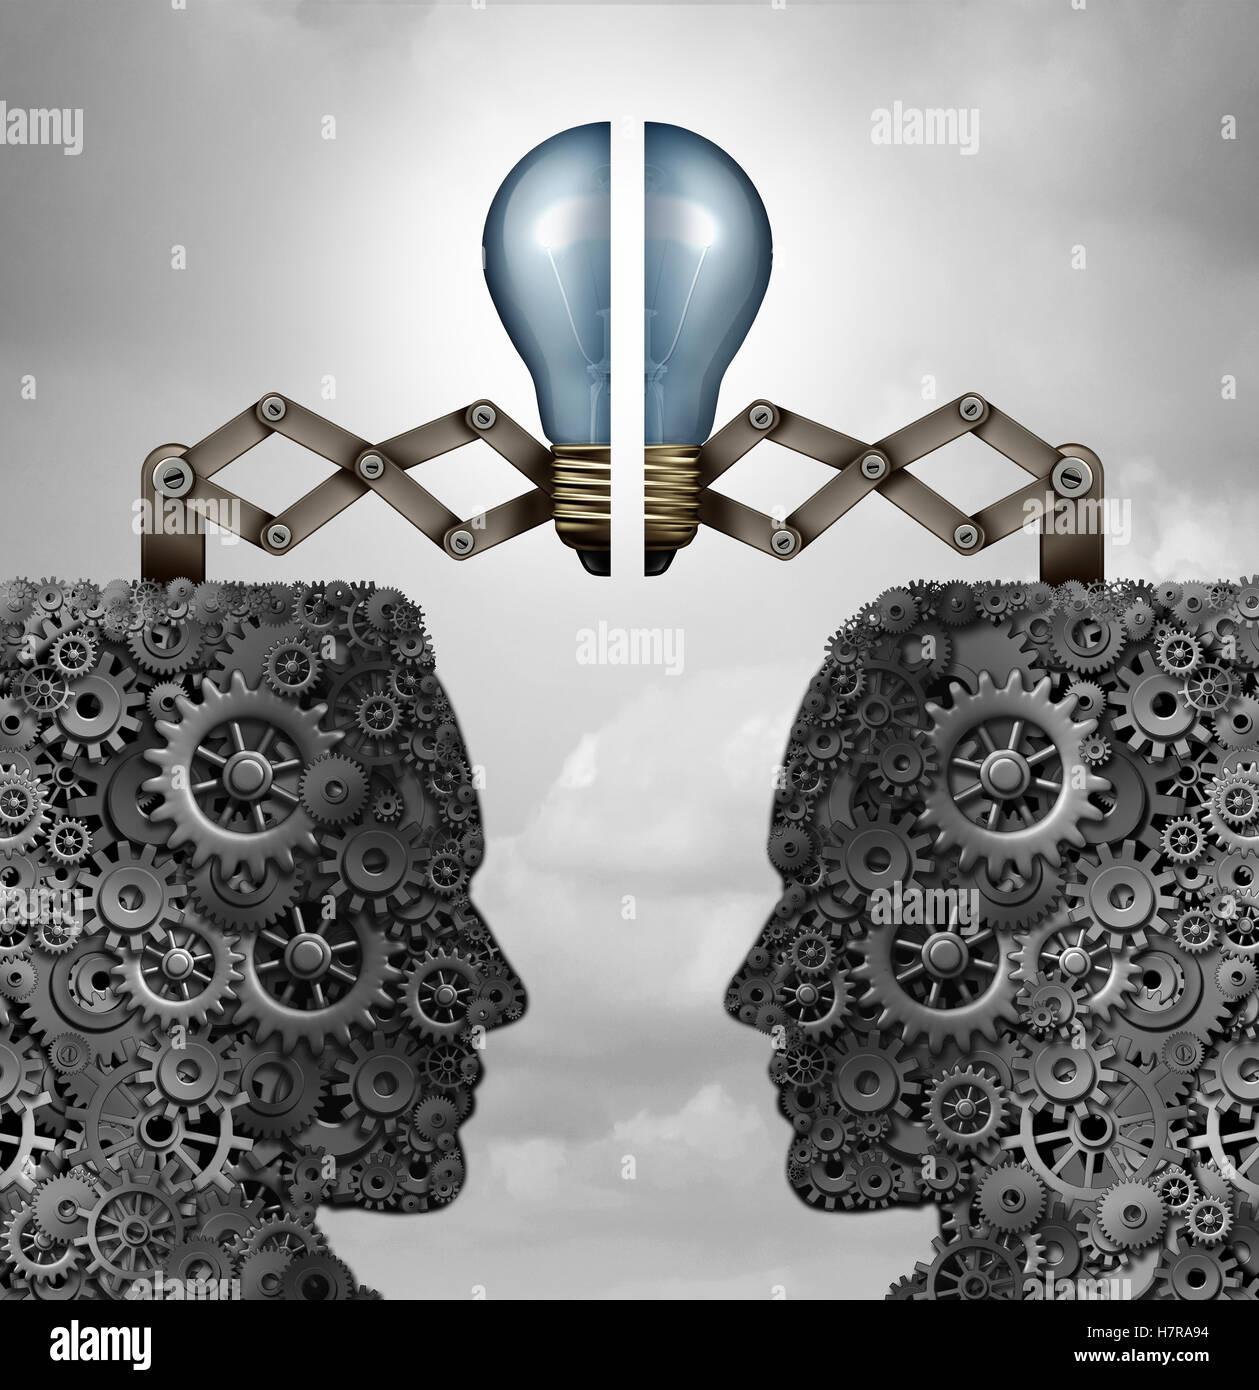 Konzept der Kreativität Partnerschafts- und kreative Gruppe wie ein Haufen von Getriebe und Zahnräder Stockbild